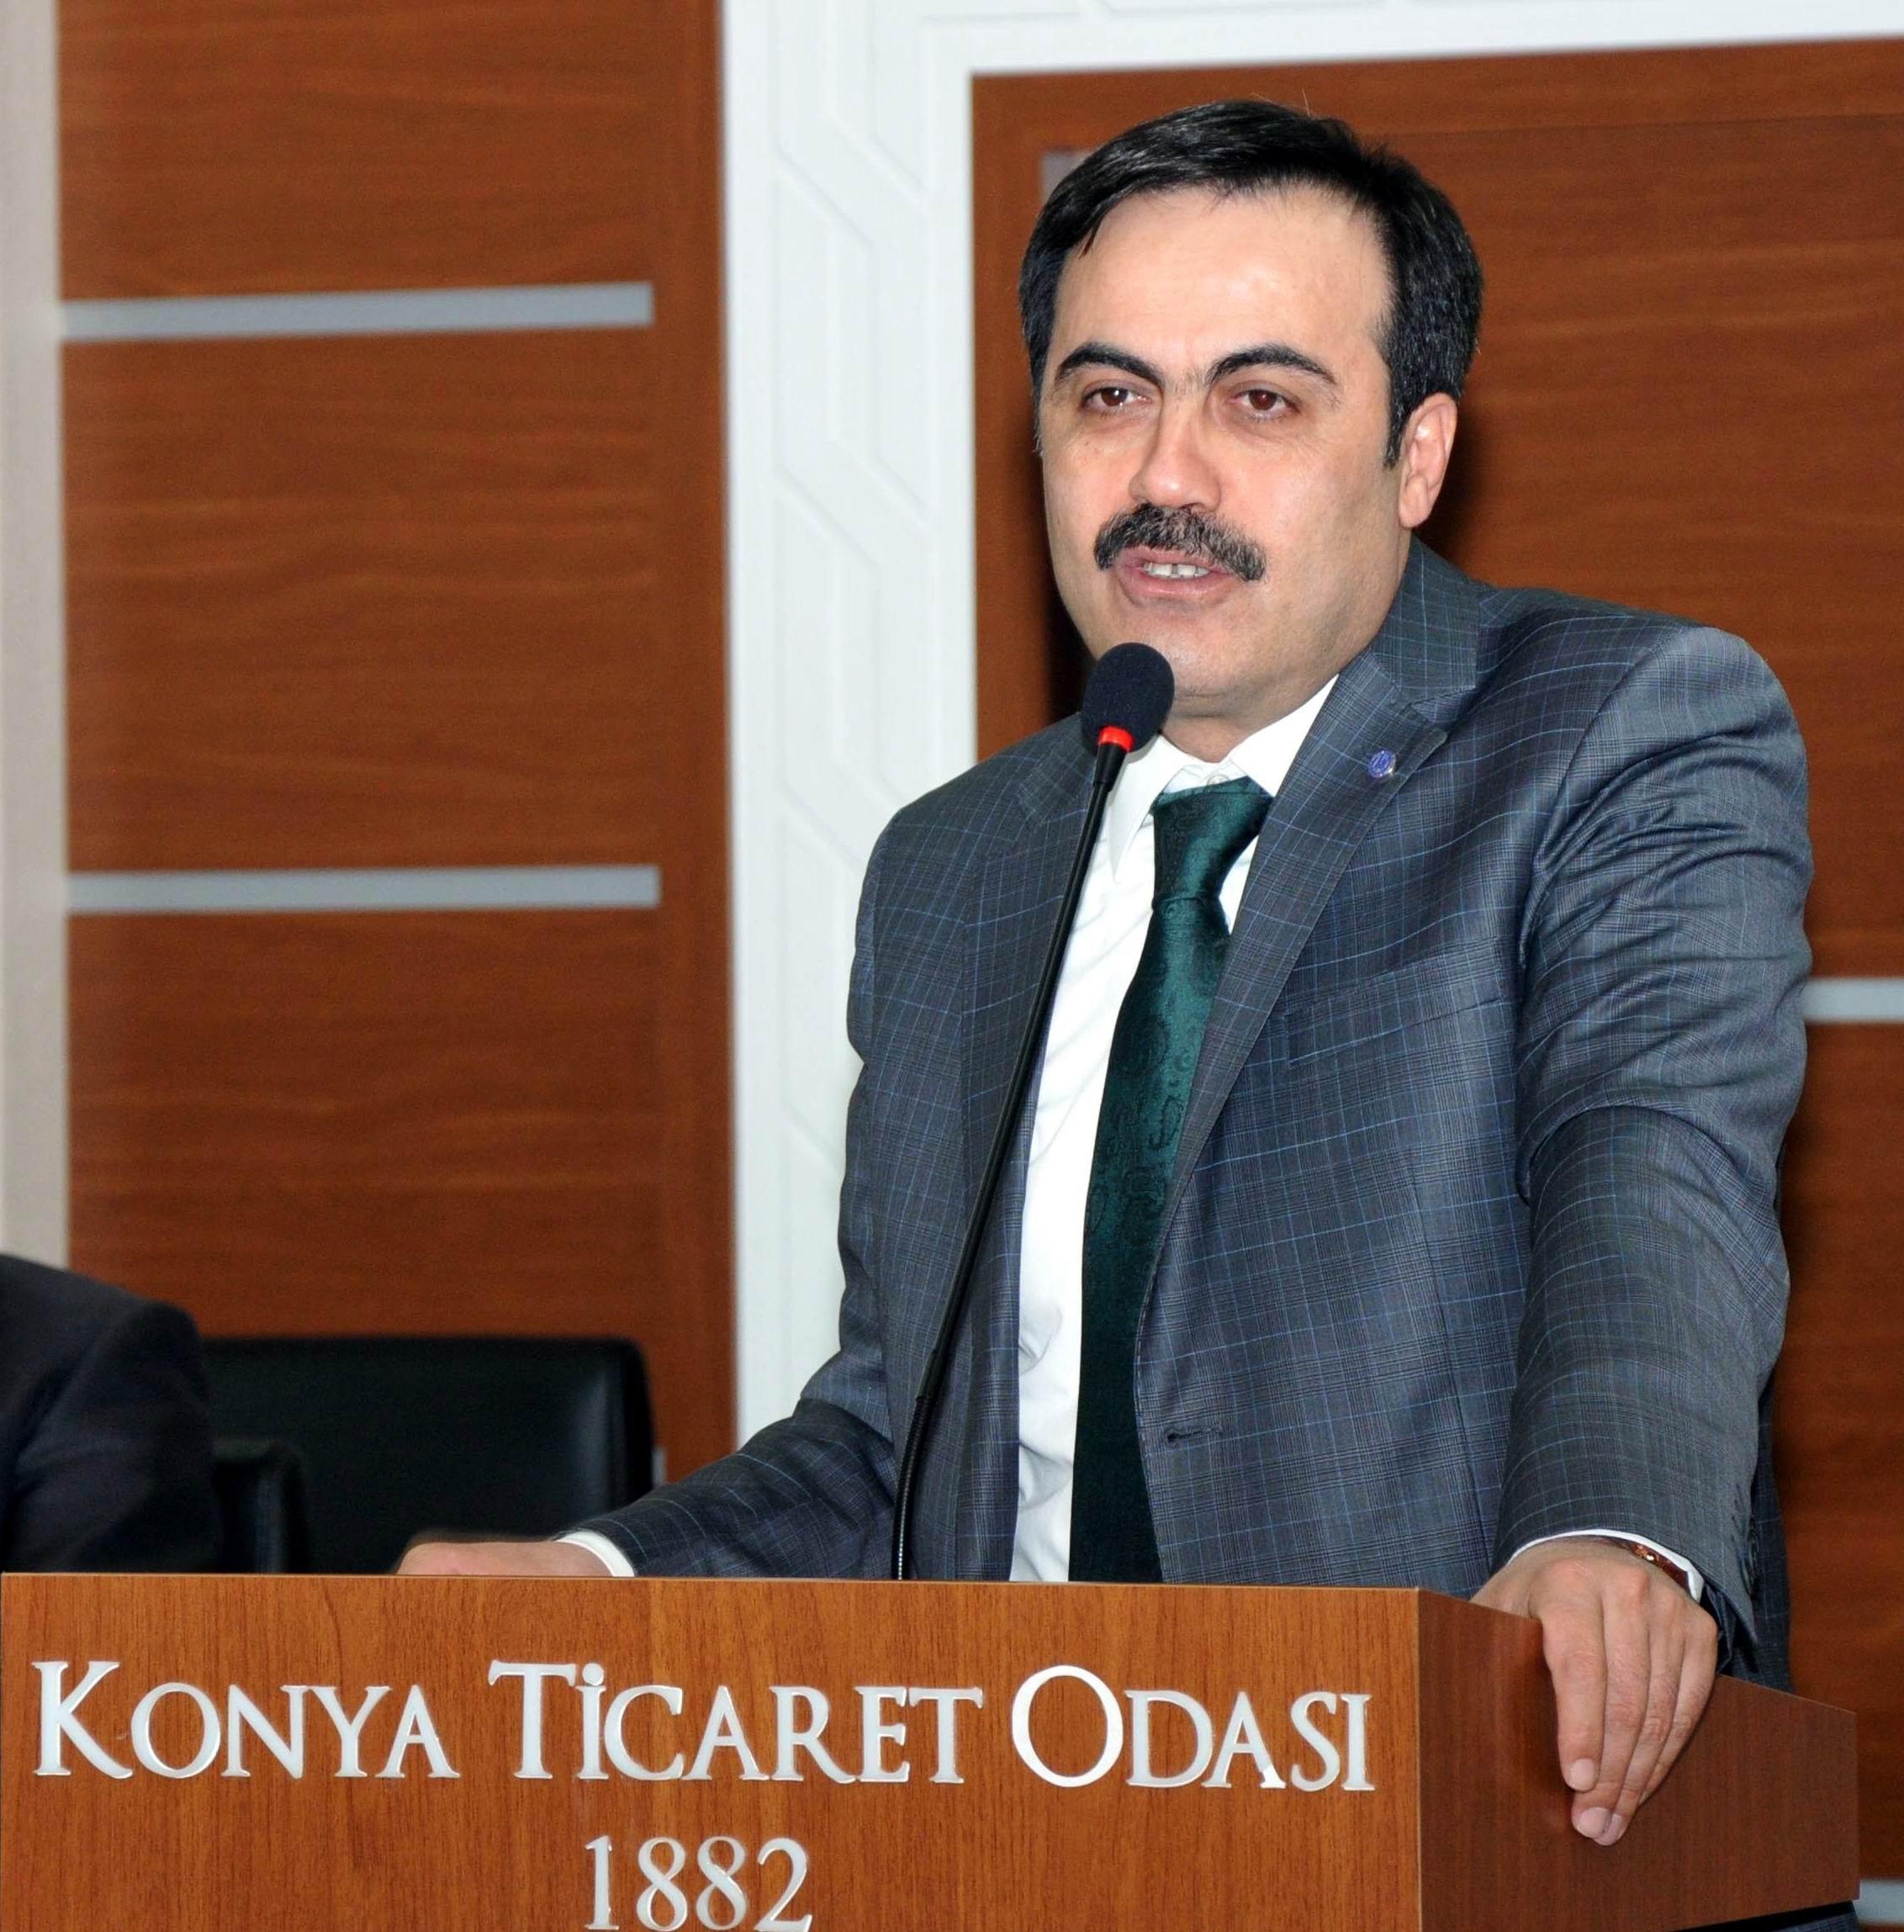 KTO Başkanı Öztürkten Konyalı firmalara tebrik